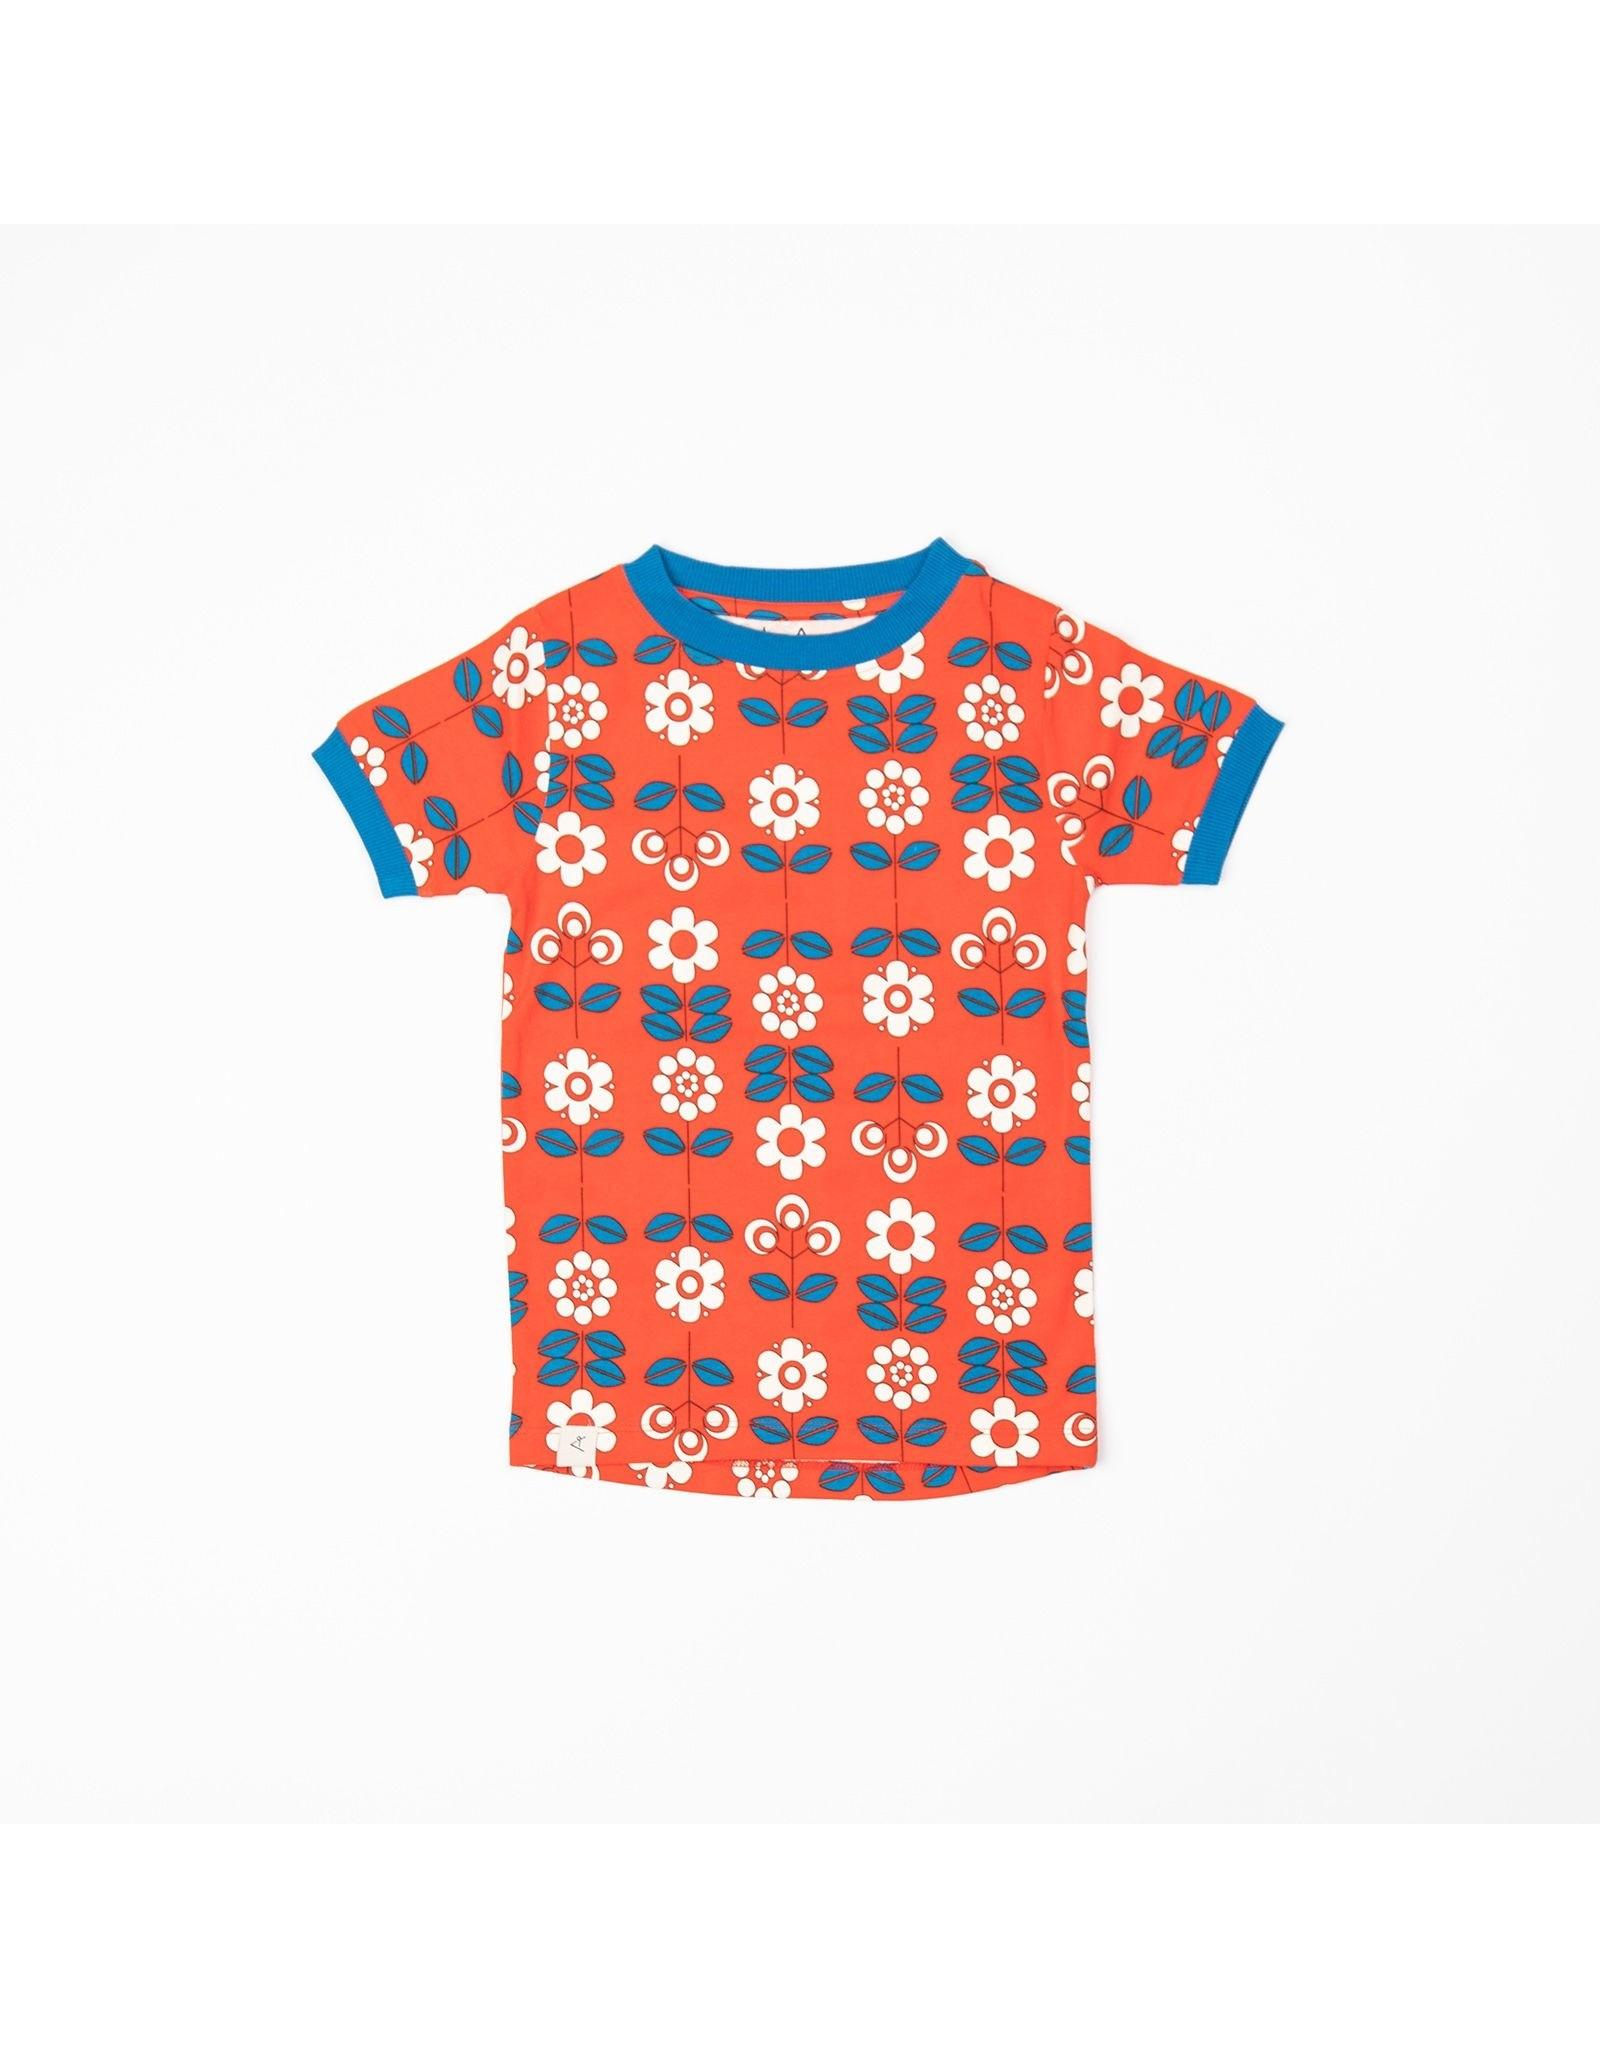 ALBA of Denmark Retro rode t-shirt met bloemen print